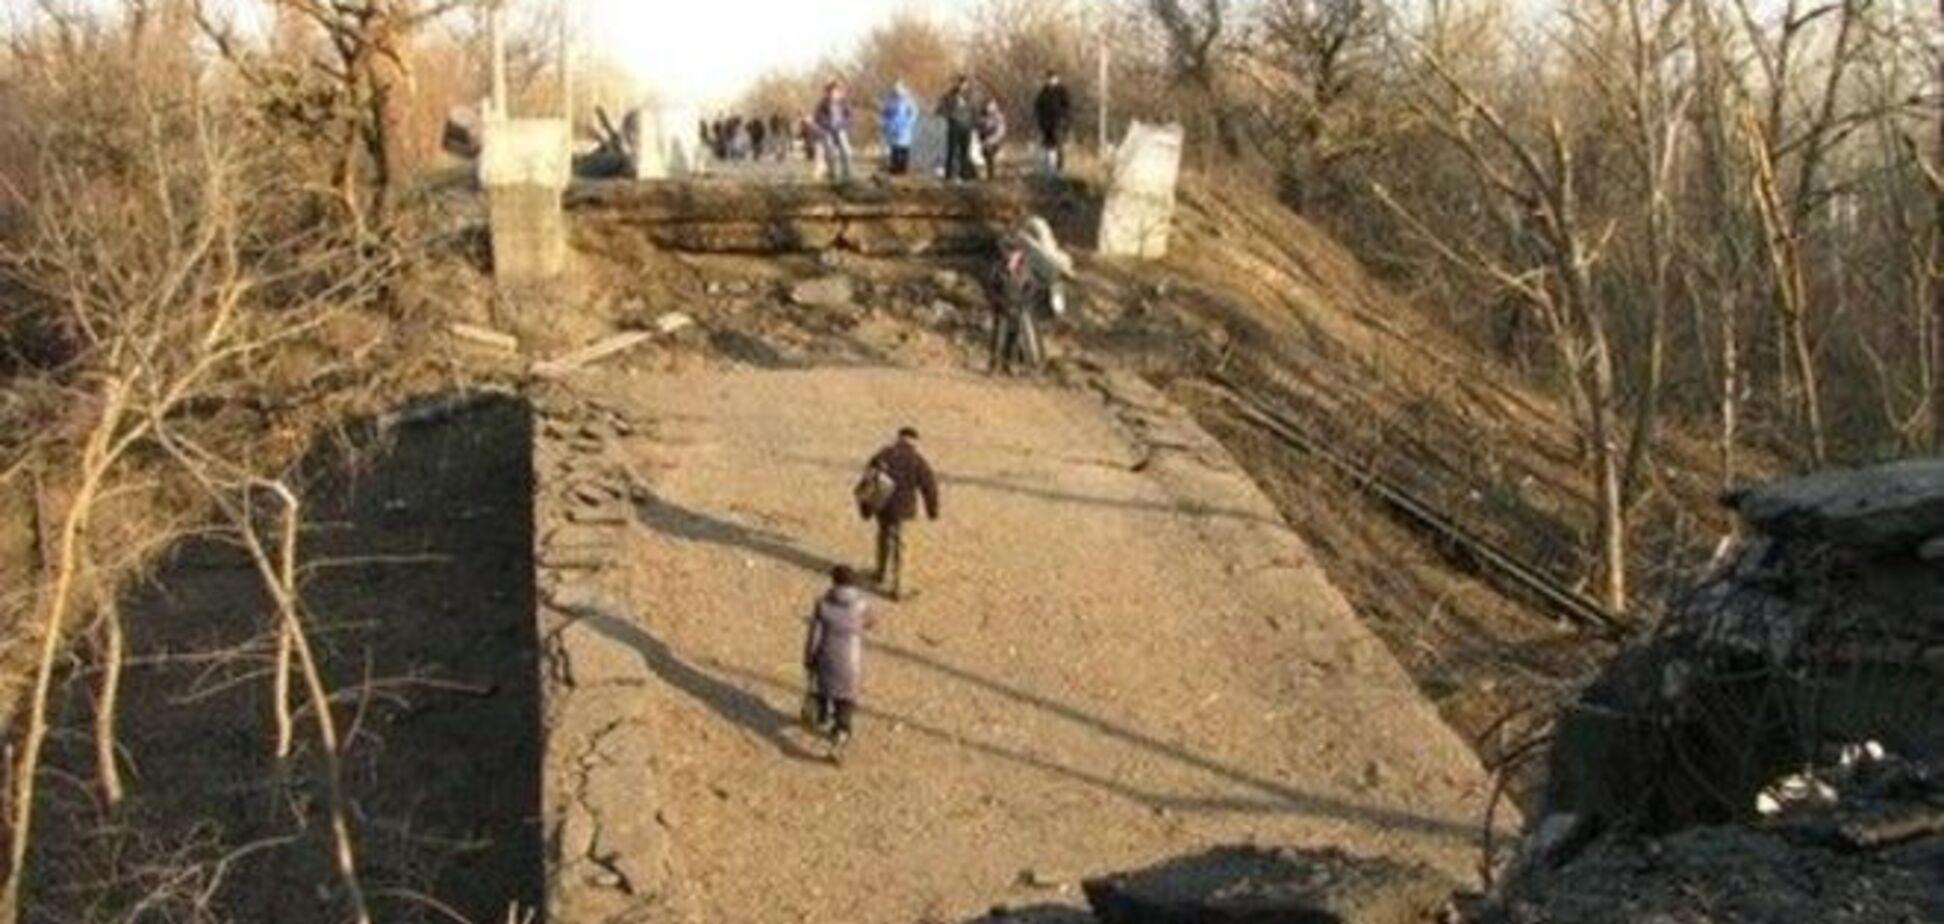 Бійці 'Айдара' і терористи 'ЛНР' об'єдналися, щоб відремонтувати підірваний у Станиці Луганській міст - ОБСЄ